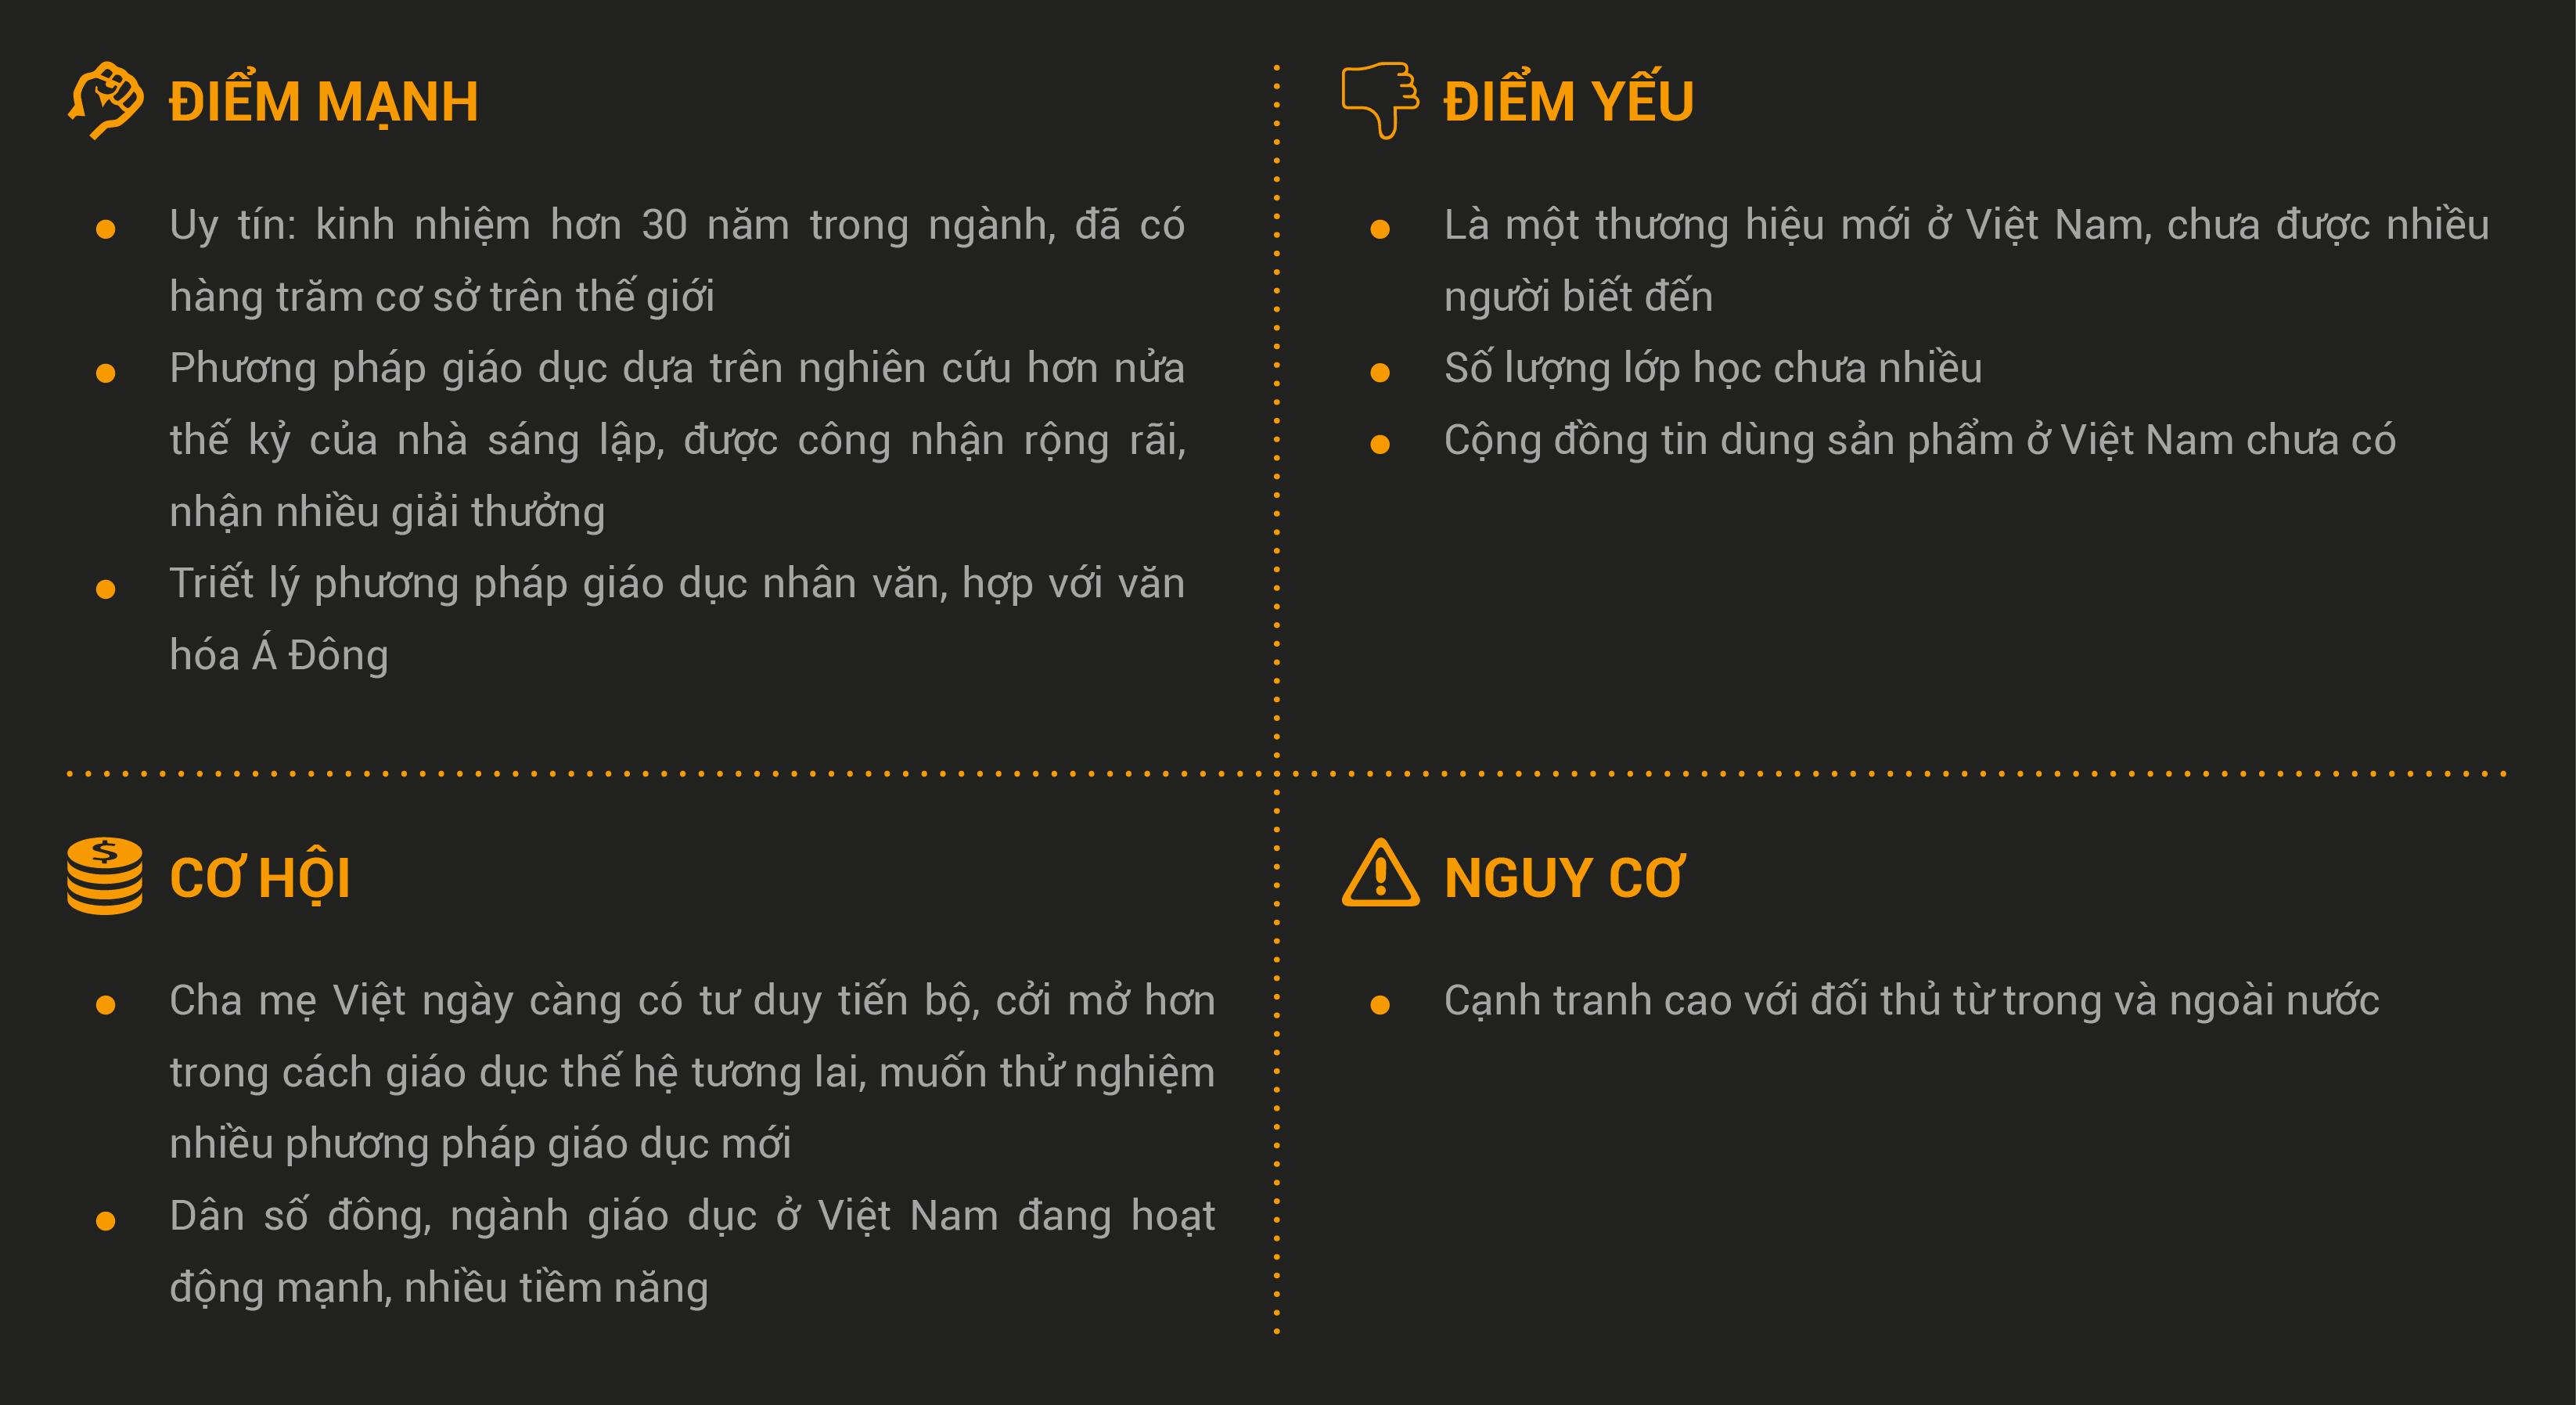 SWOT van dung phan mem ninja Phân tích SWOT là gì và ứng dụng SWOT như thế nào?